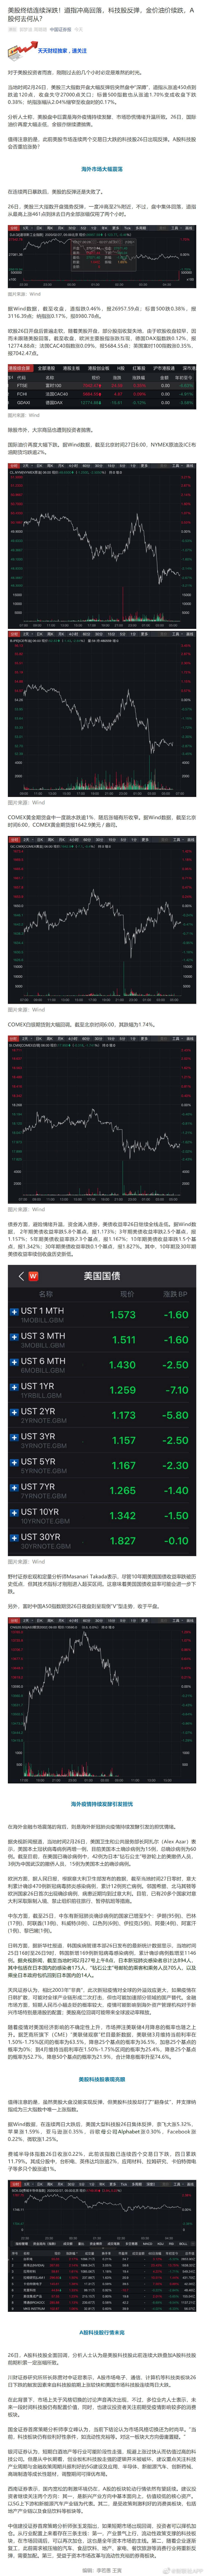 美股终结连续深跌!道指冲高回落,科技股反弹,金价油价续跌